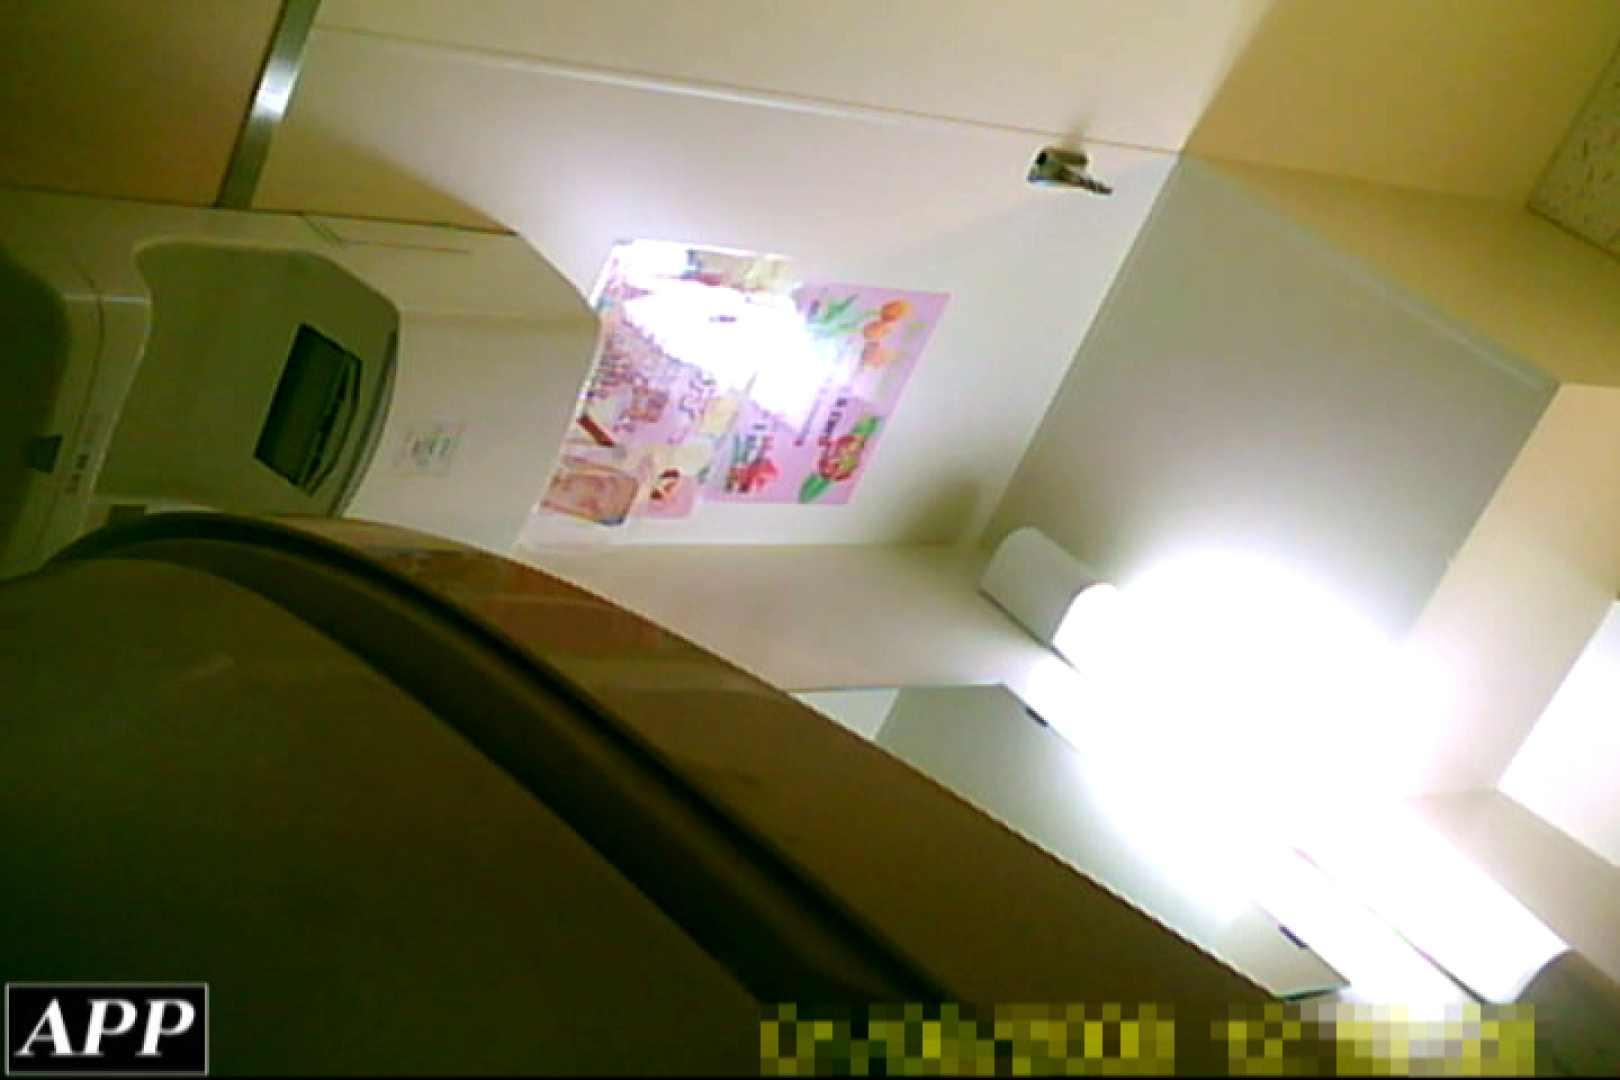 3視点洗面所 vol.123 マンコ オメコ無修正動画無料 95枚 54